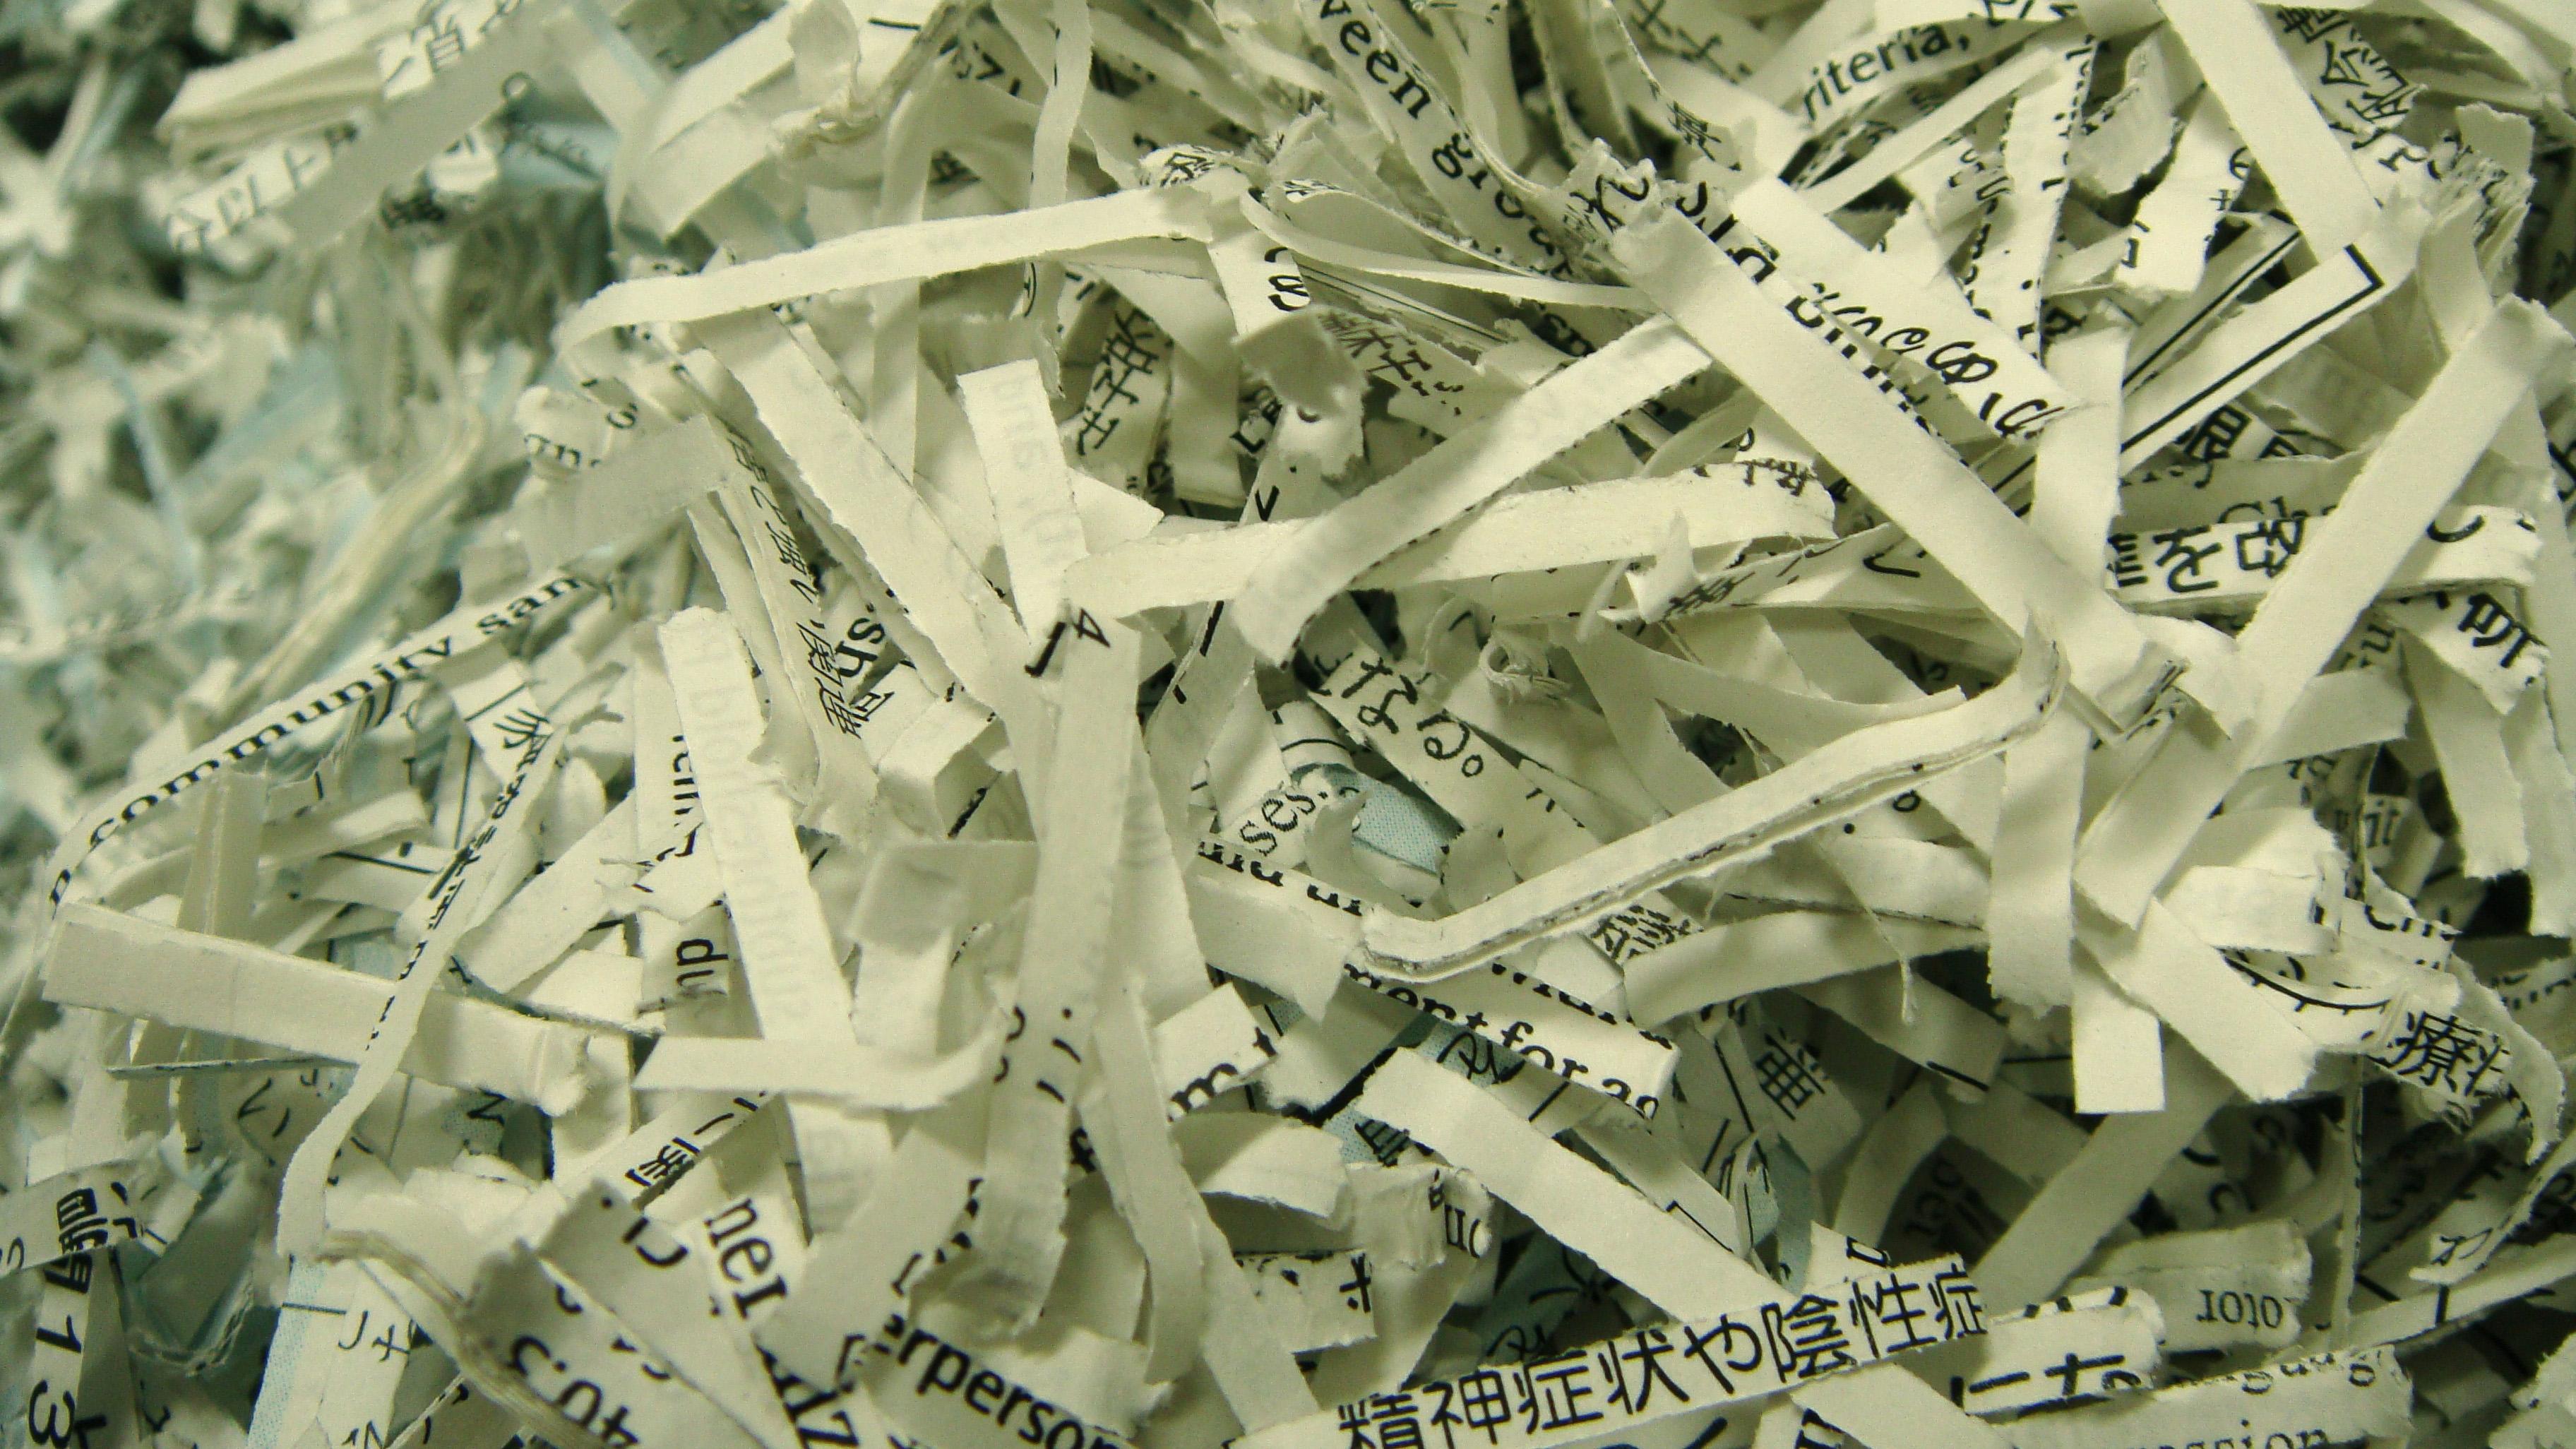 paper-shredded